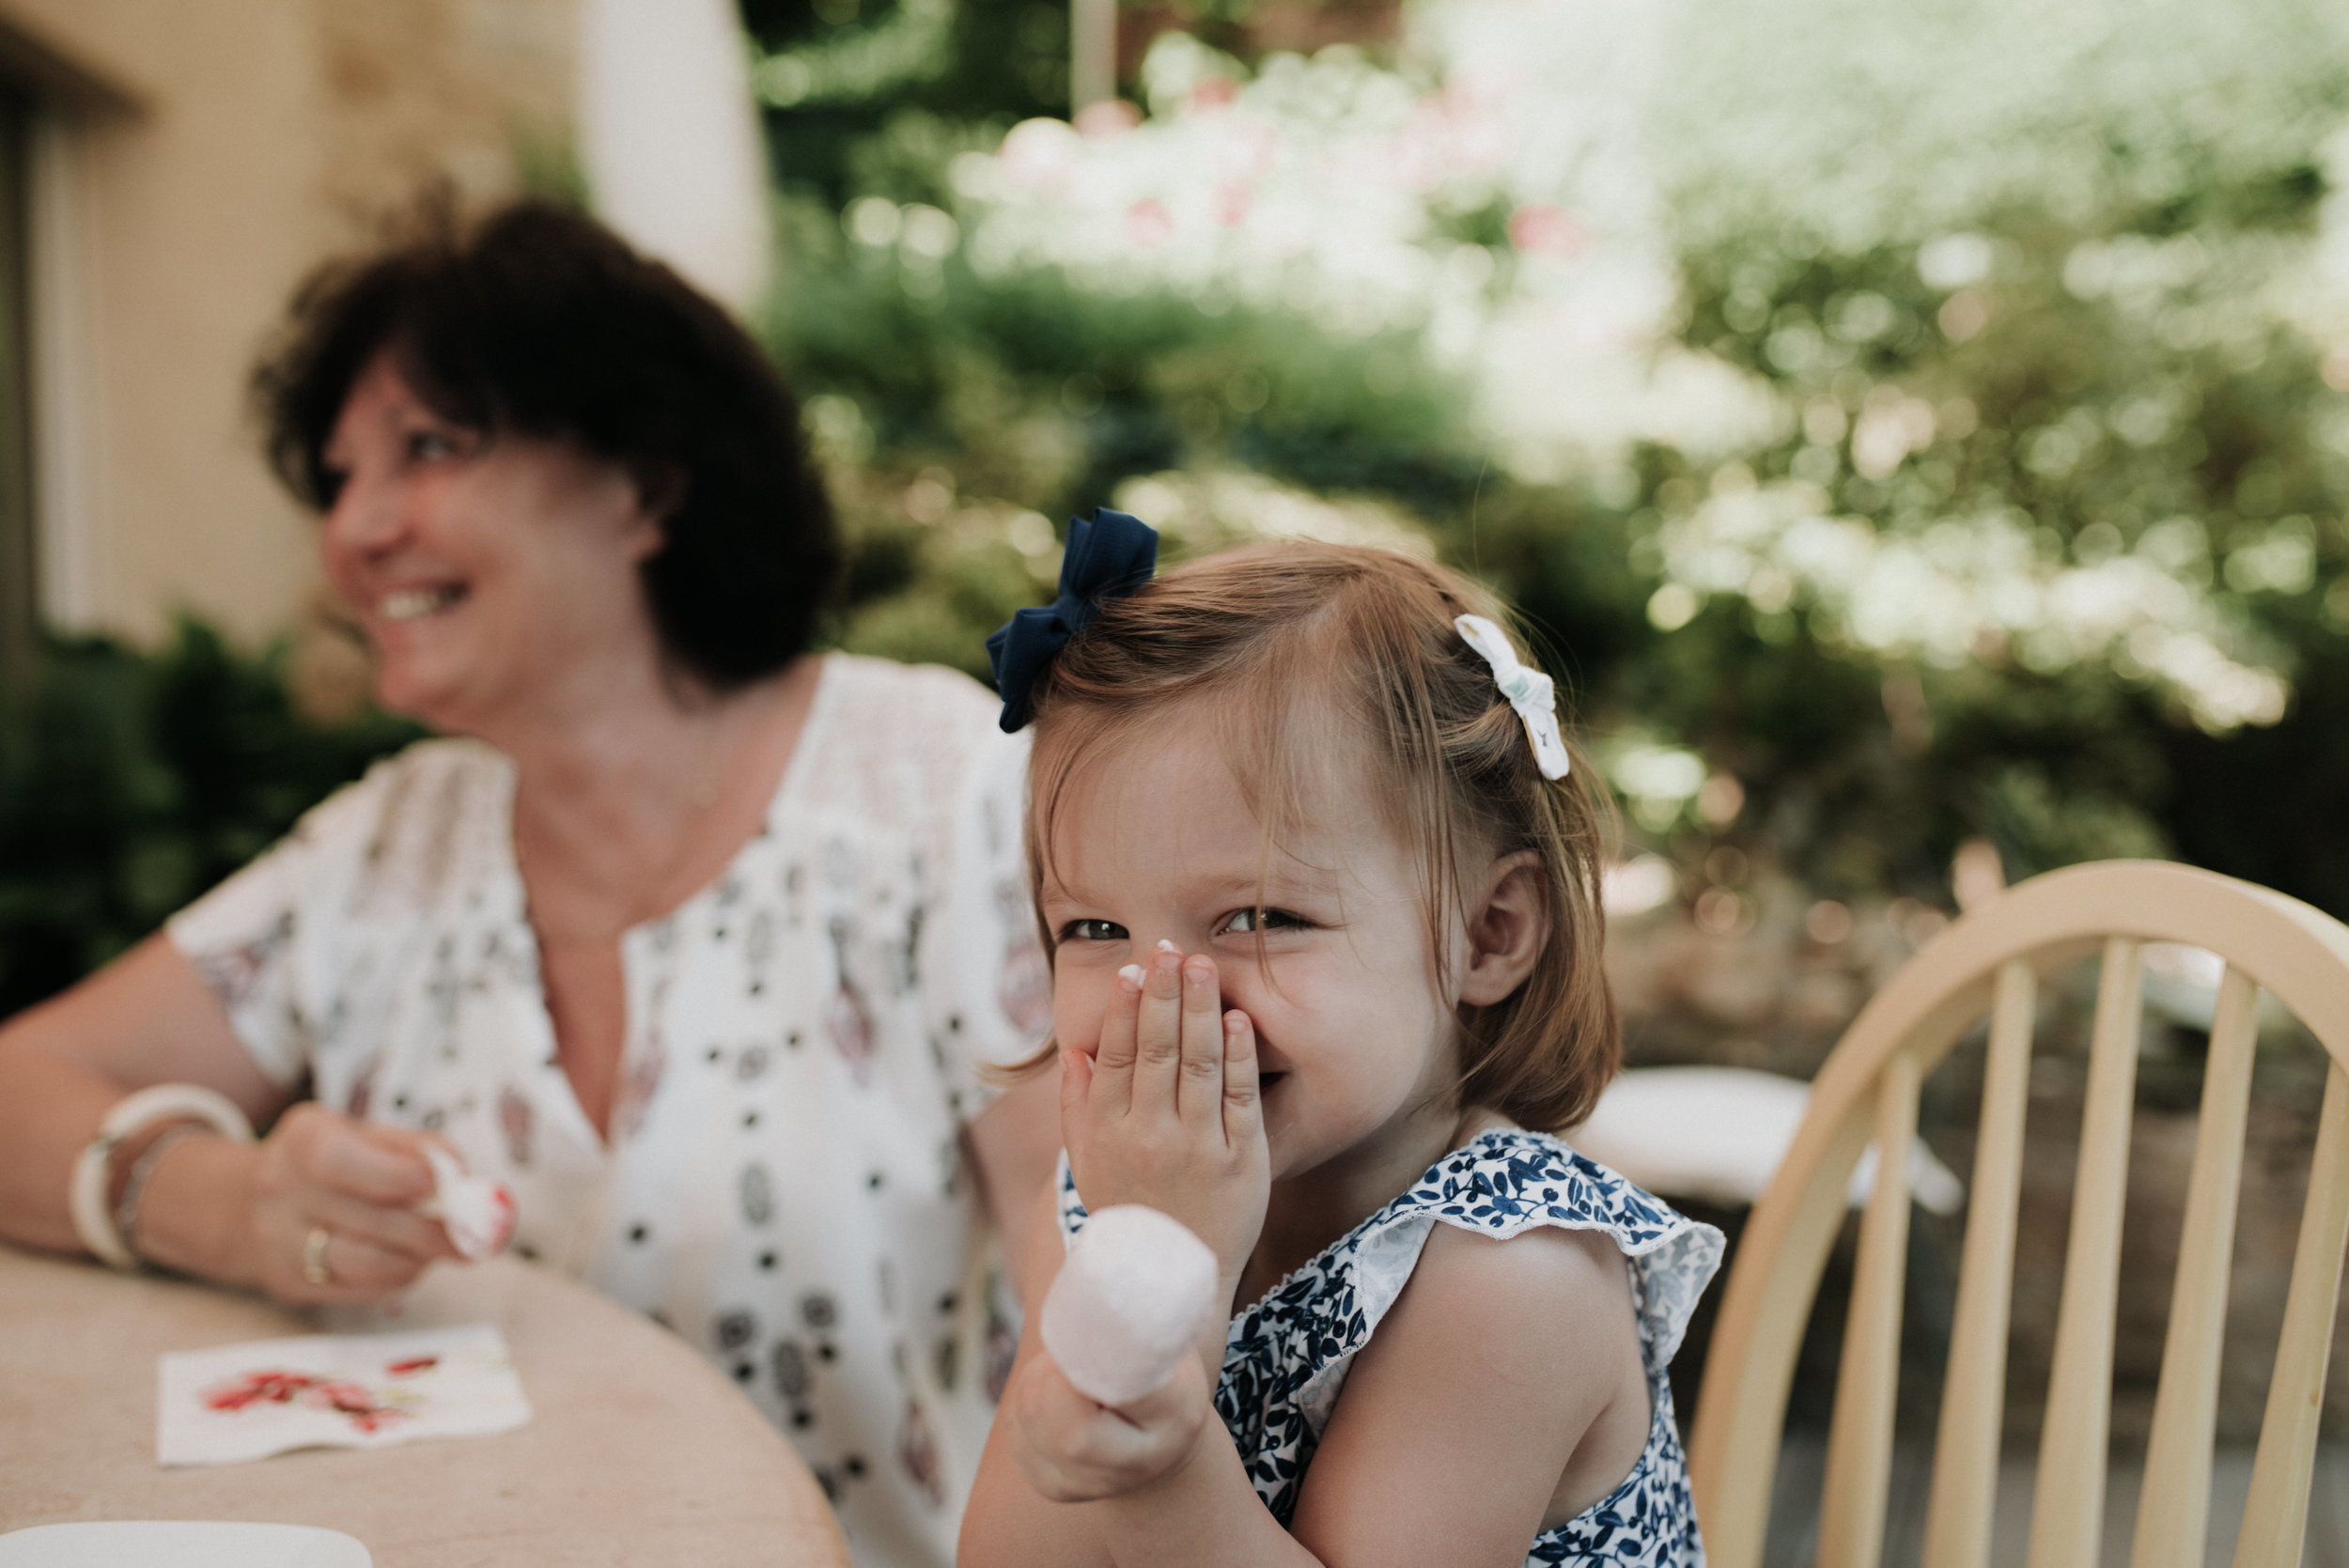 Léa-Fery-photographe-professionnel-lyon-rhone-alpes-portrait-creation-mariage-evenement-evenementiel-famille-4975.jpg